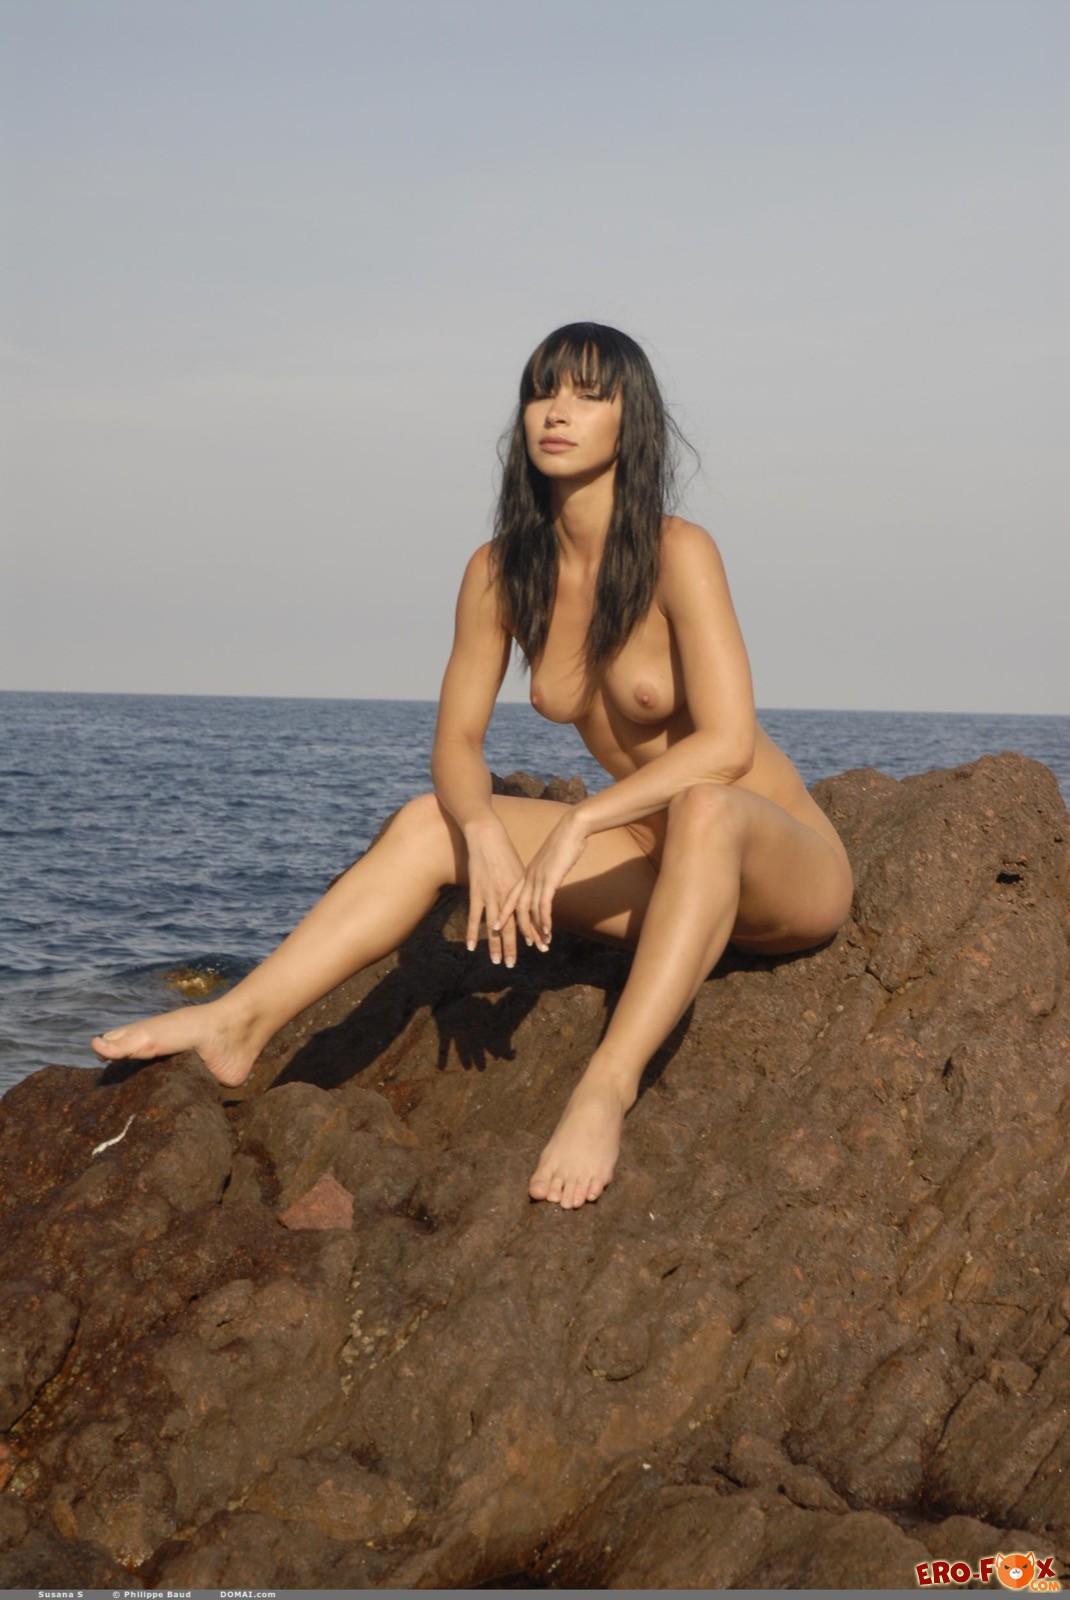 Привлекательная голая девушка позирует рядом с морем